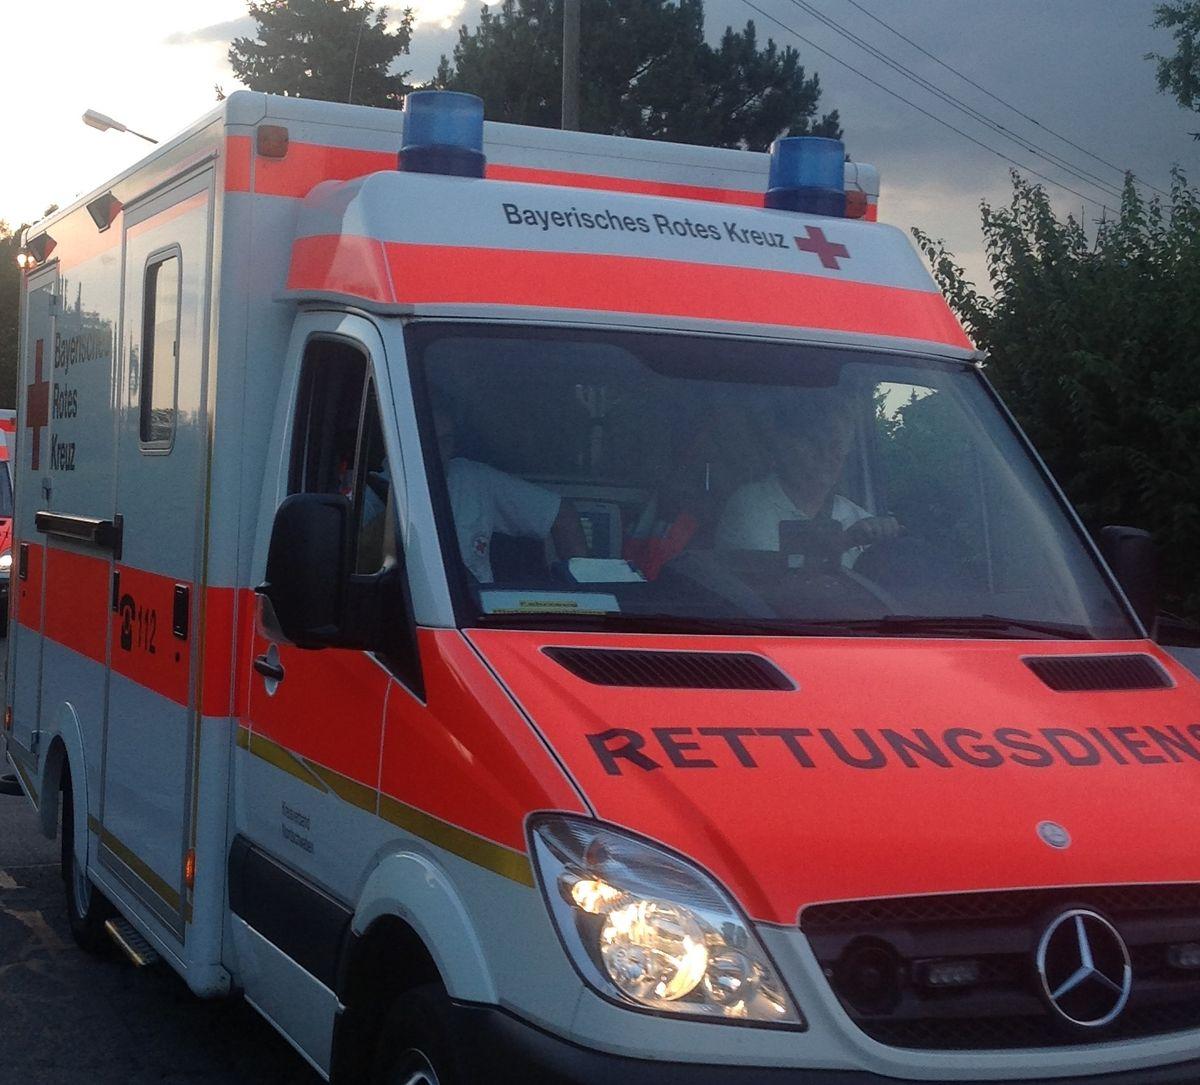 Traktorfahrer von eigenem Anhänger überrollt - Verkehrsunfall bei Horgau endet tödlich